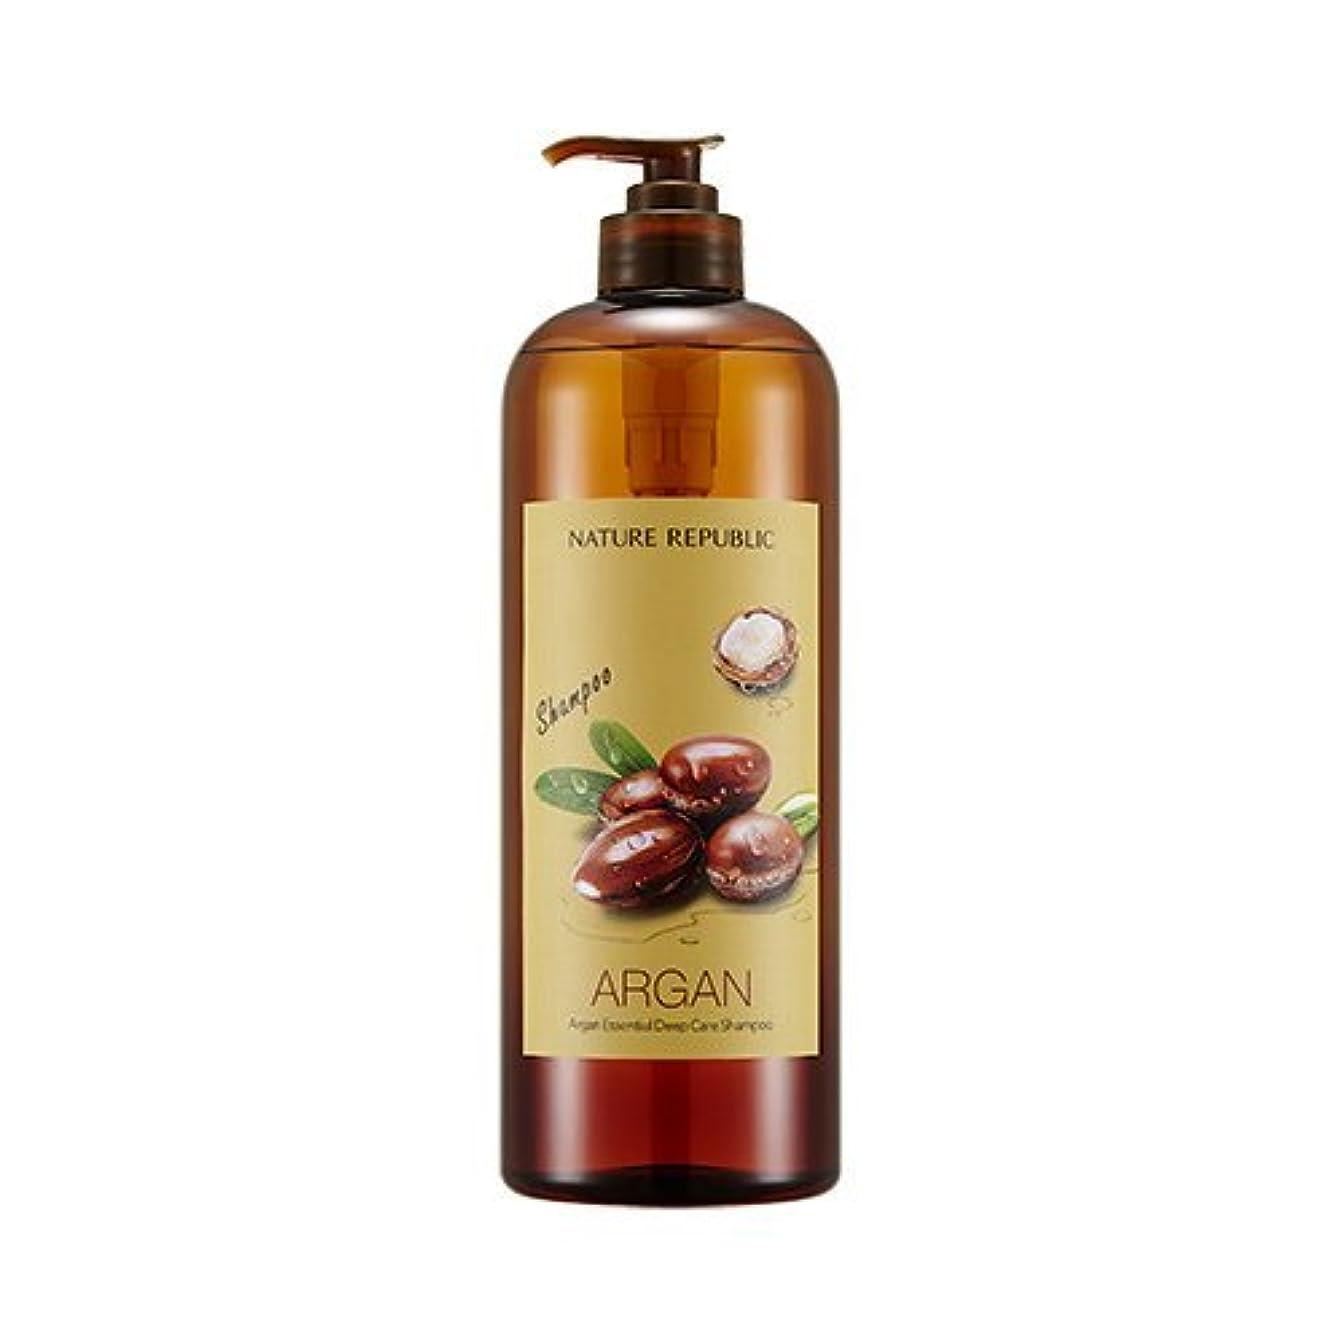 ラウズ吐くタッチNATURE REPUBLIC Argan Essential Deep Care Shampoo 1000? ネイチャーリパブリック アルガンエッセンシャルディープケアシャンプー(大容量) [並行輸入品]